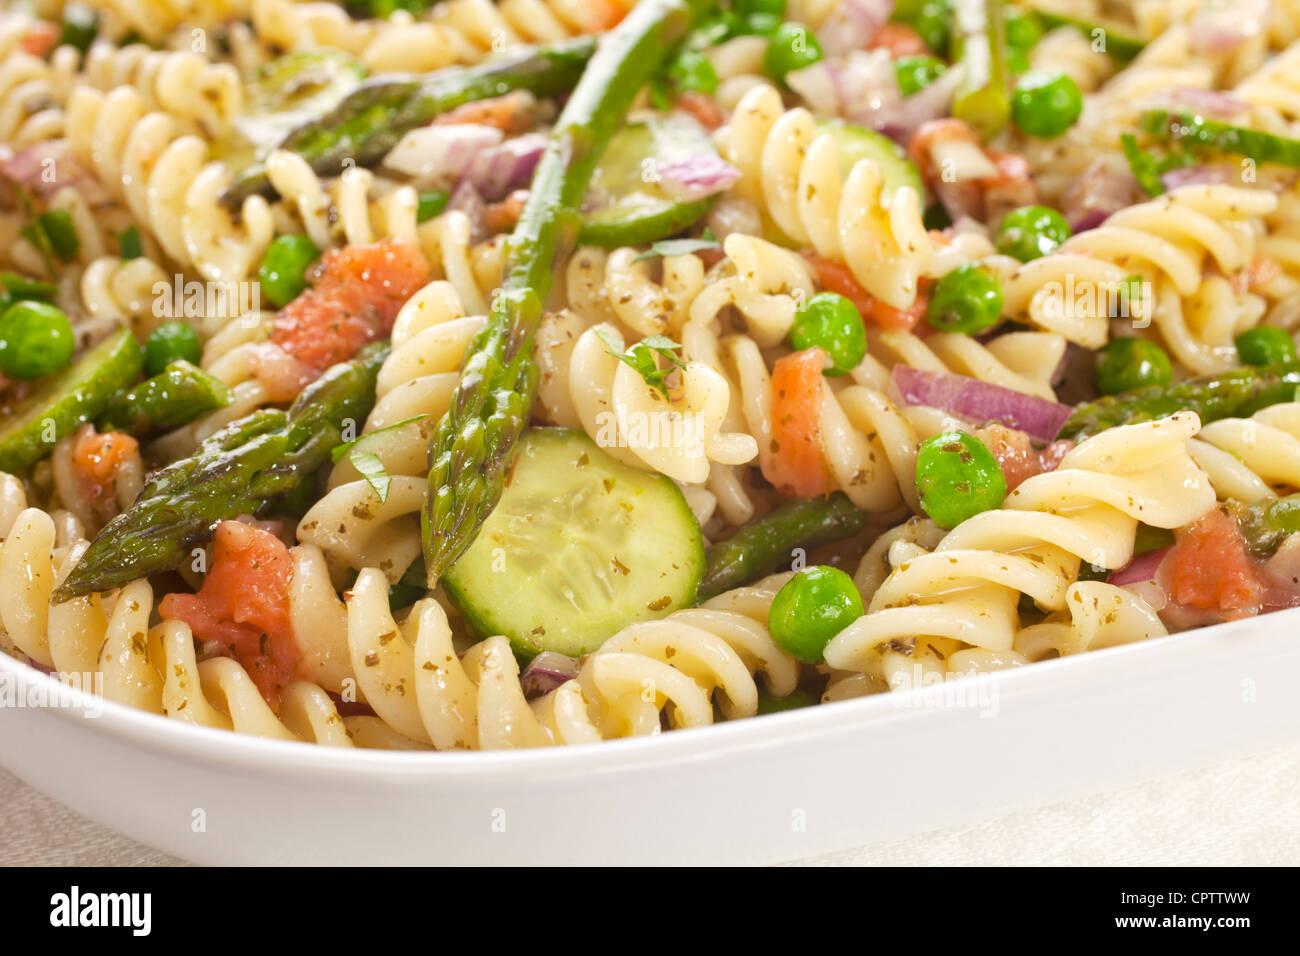 Insalata di pasta fatta con gli asparagi, piselli, cipolla rossa, cetriolo e scarti di sinistra sopra il salmone Immagini Stock